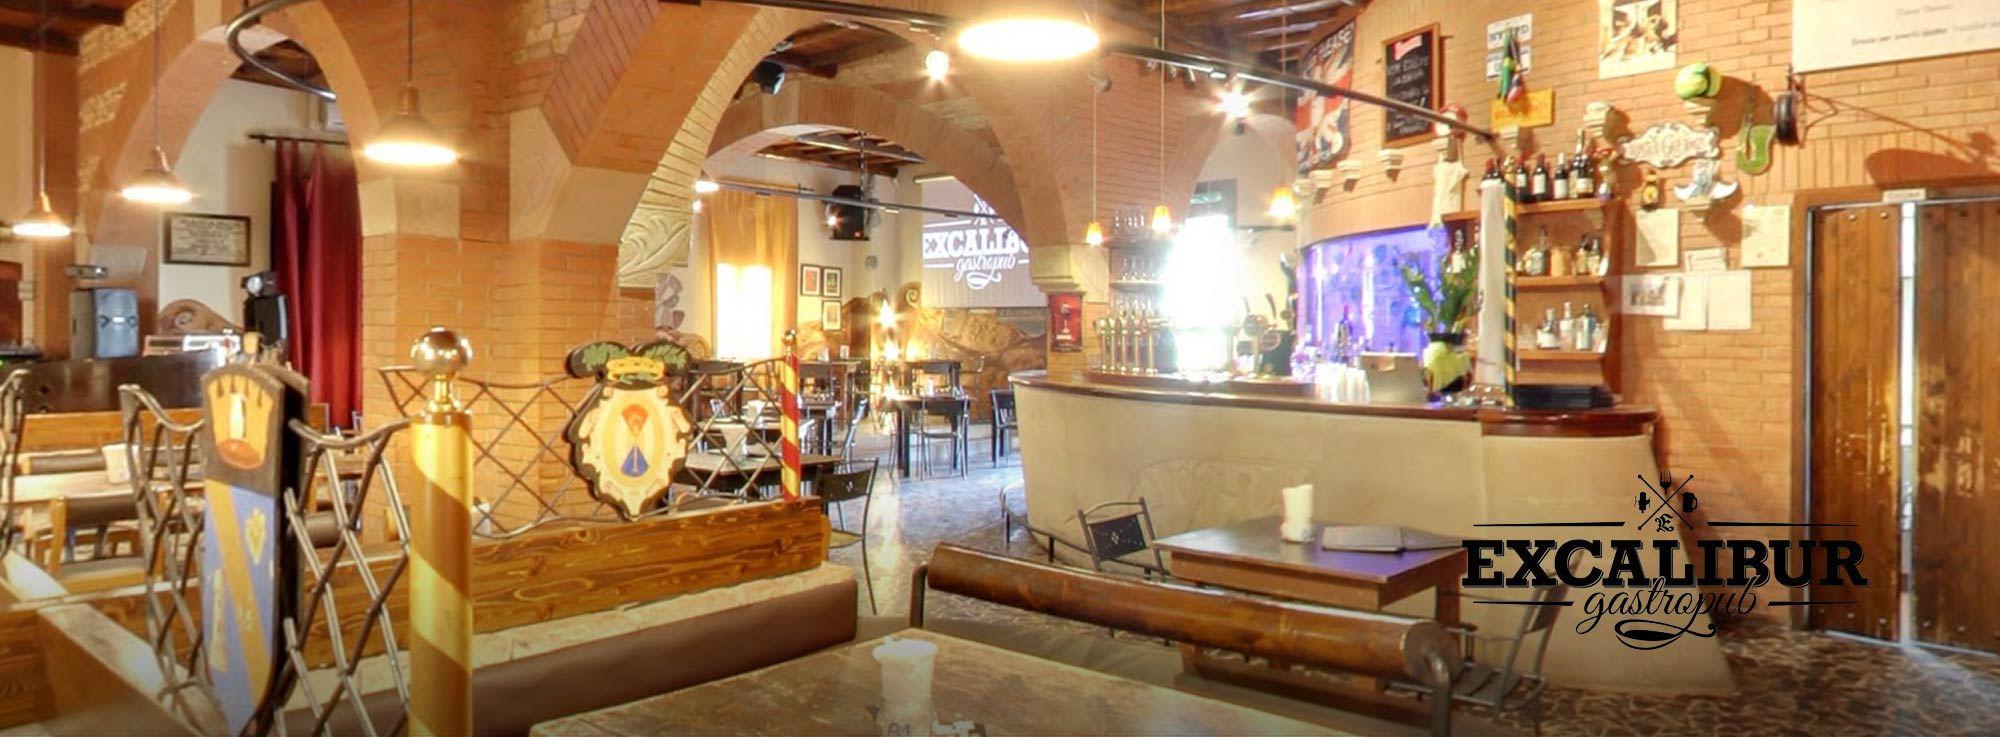 Excalibur Gastropub Canosa di Puglia